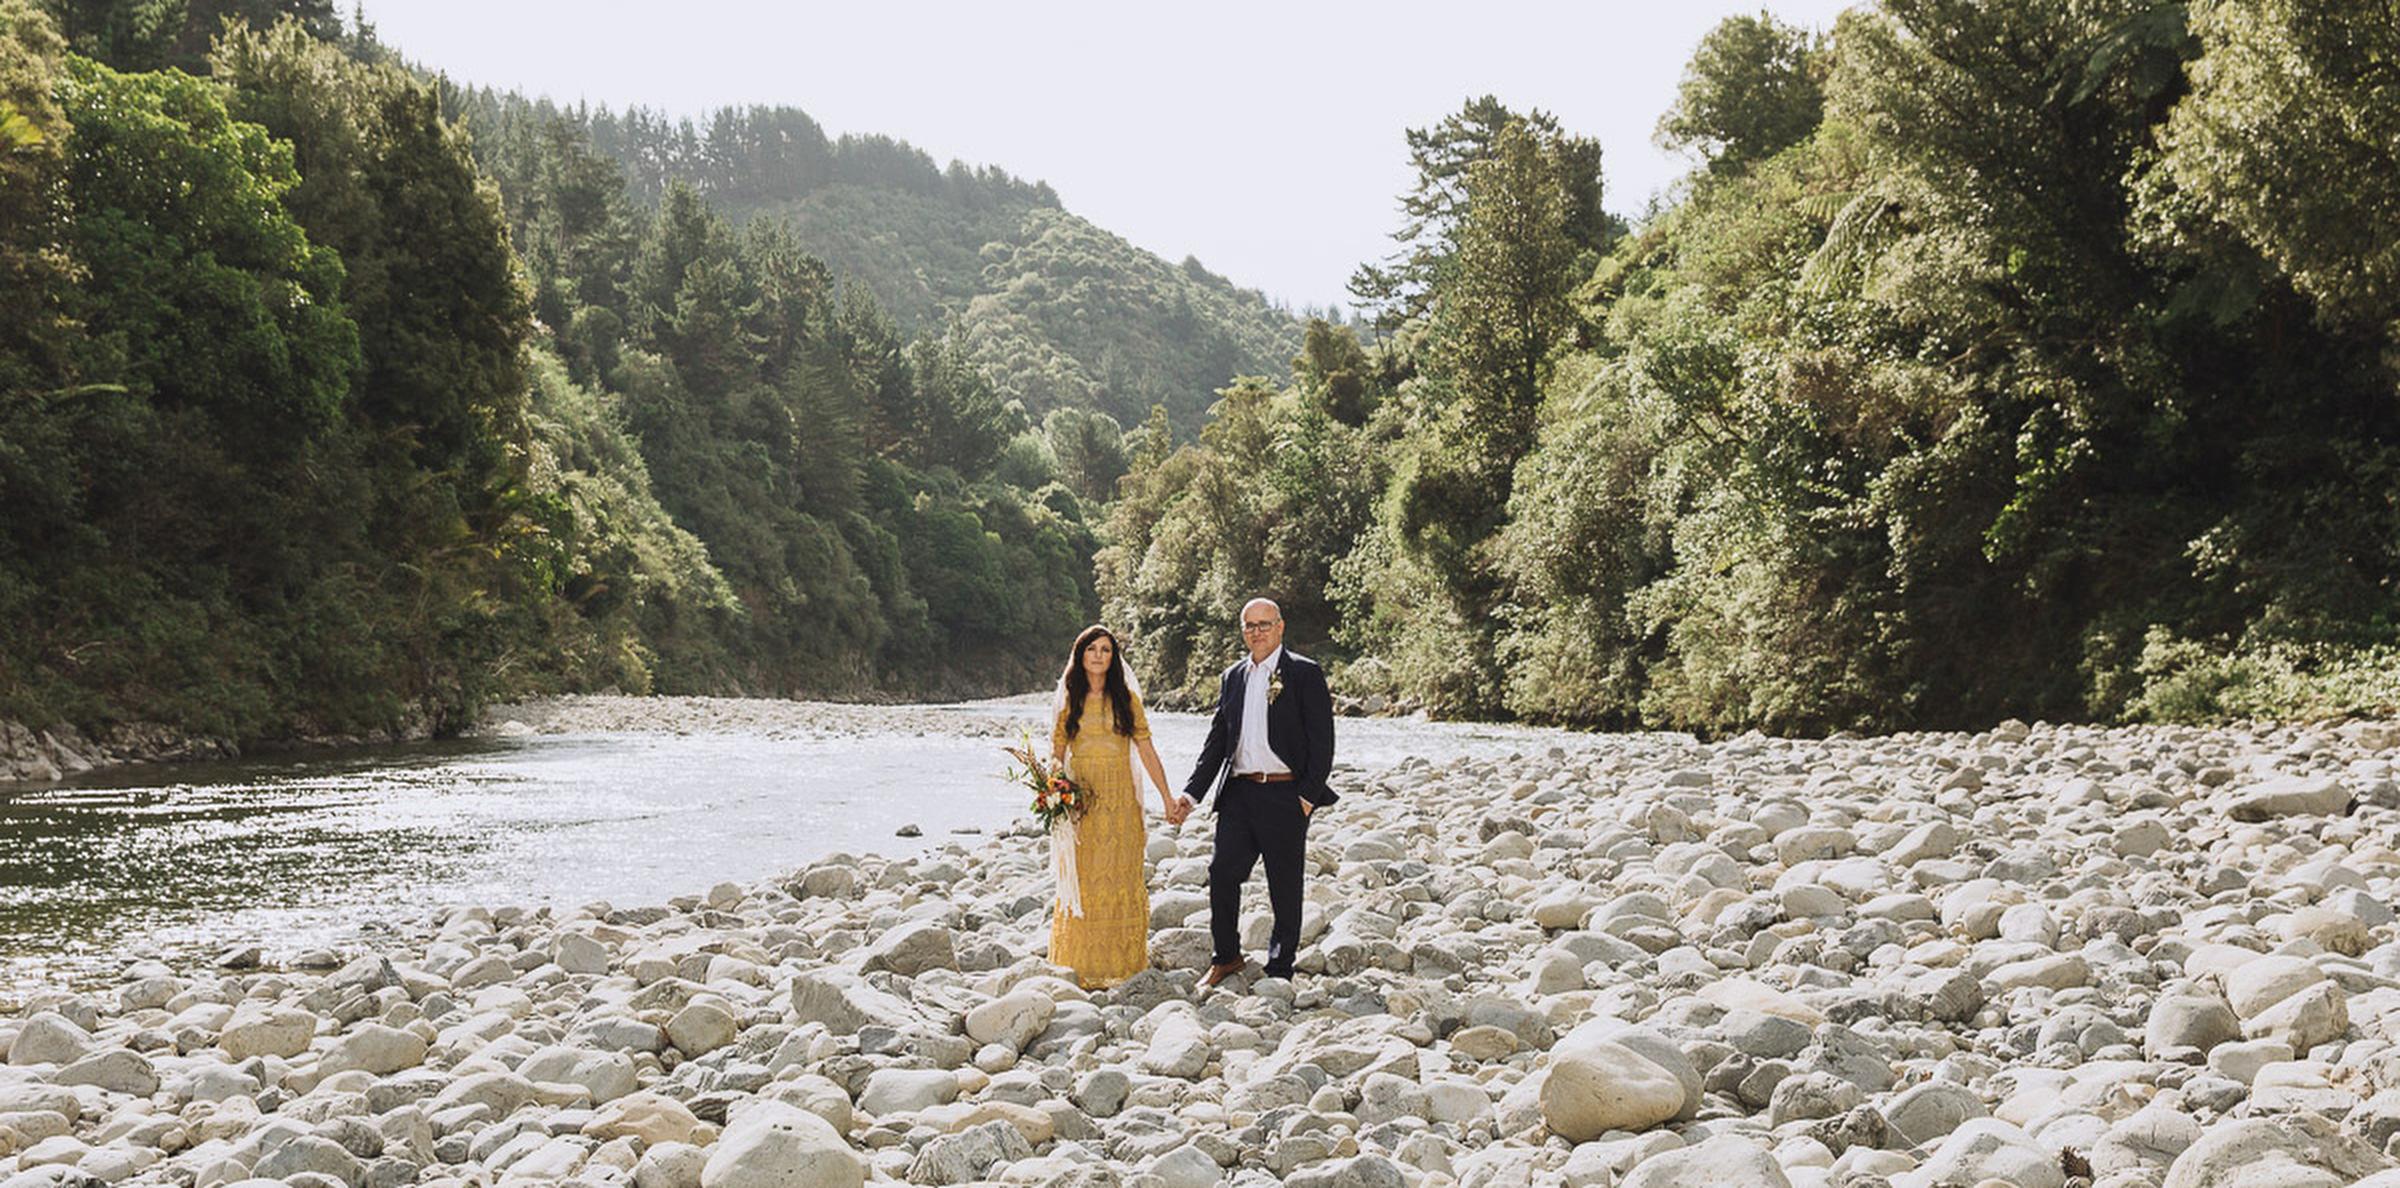 Waiohanga-wedding-venue-CandyCapco-03.jpg